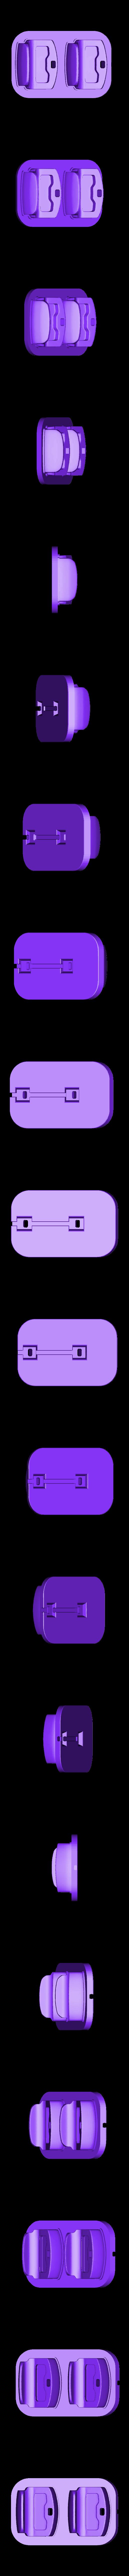 dsc-2slots.stl Télécharger fichier STL gratuit Berceau à double choc 4 • Design imprimable en 3D, kimjh